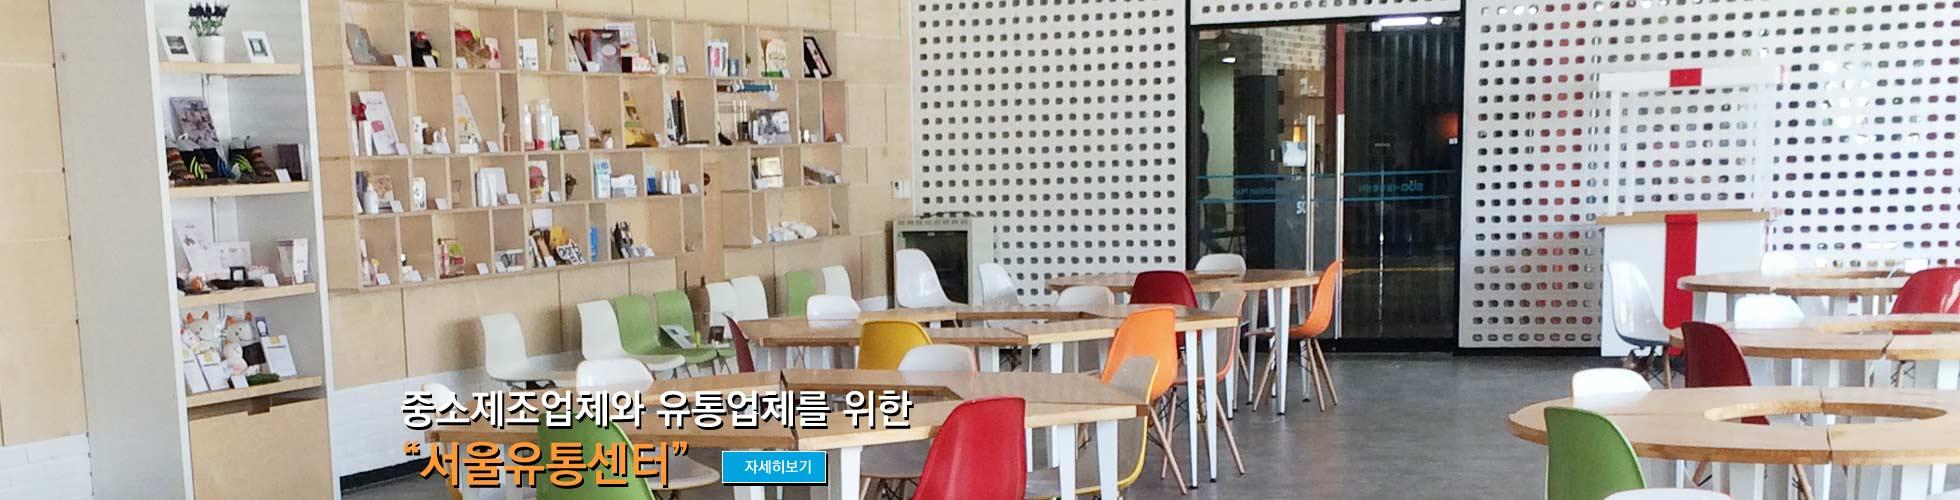 중소제조업체와 유통업체를 위한 서울유통센터 자세히보기